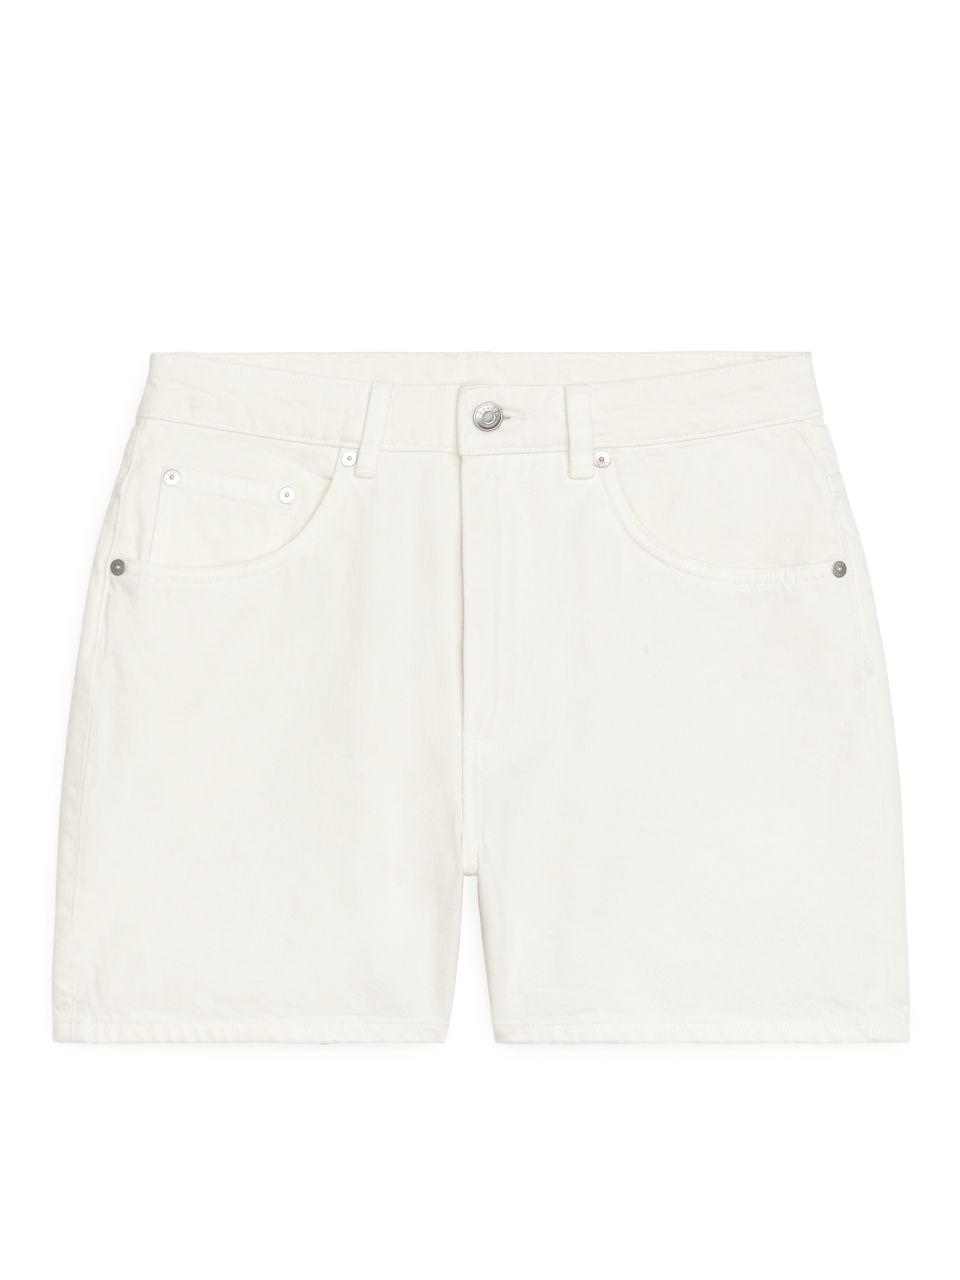 Denim Overdye Shorts - White